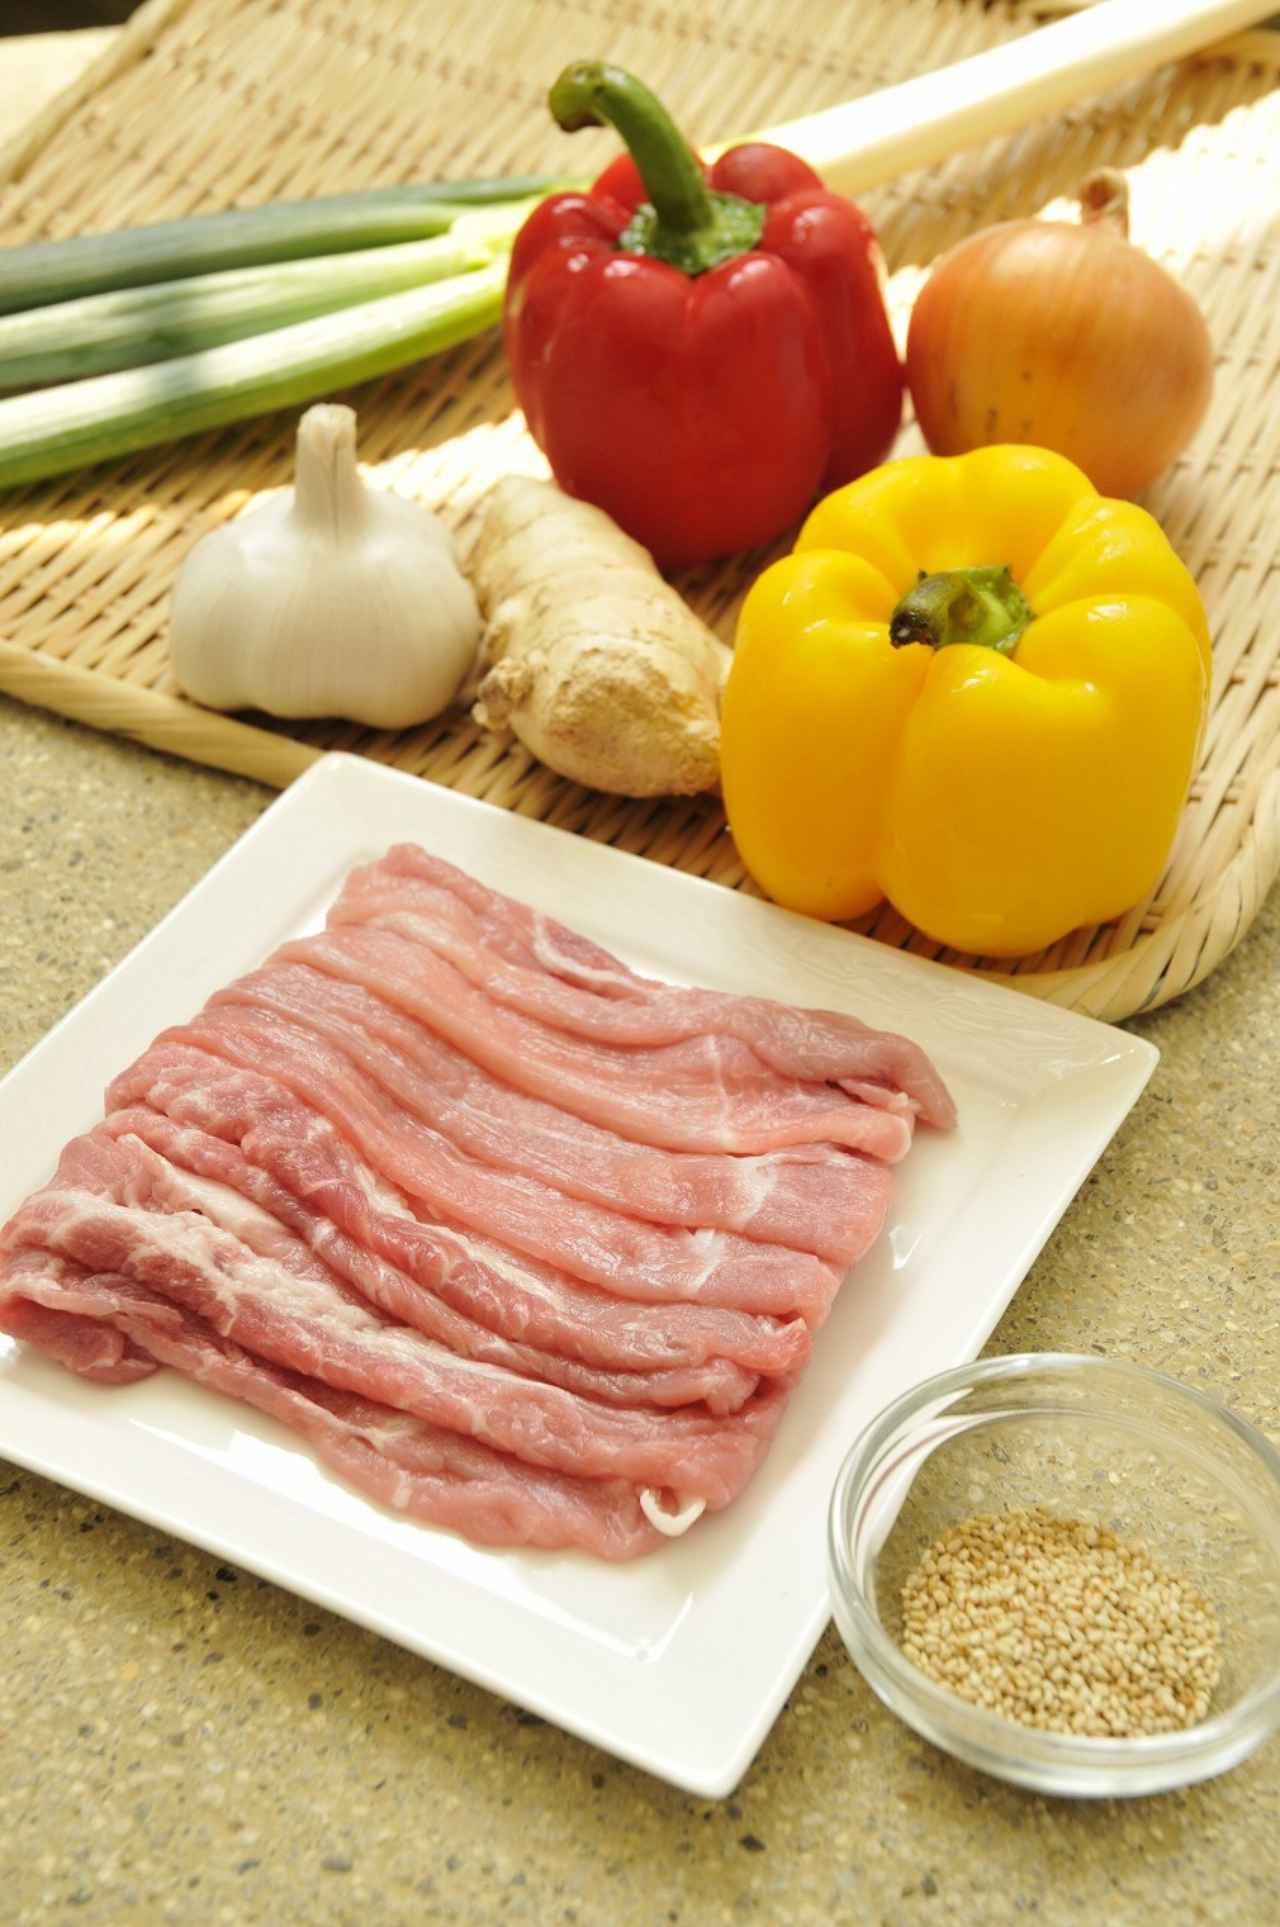 画像: 豚ローススライス 200g ごま油 小さじ2 パプリカ(赤・黄)各1/4個 長ねぎ(白髪ねぎ) 適量 万能ねぎ 適量 白ごま 適量